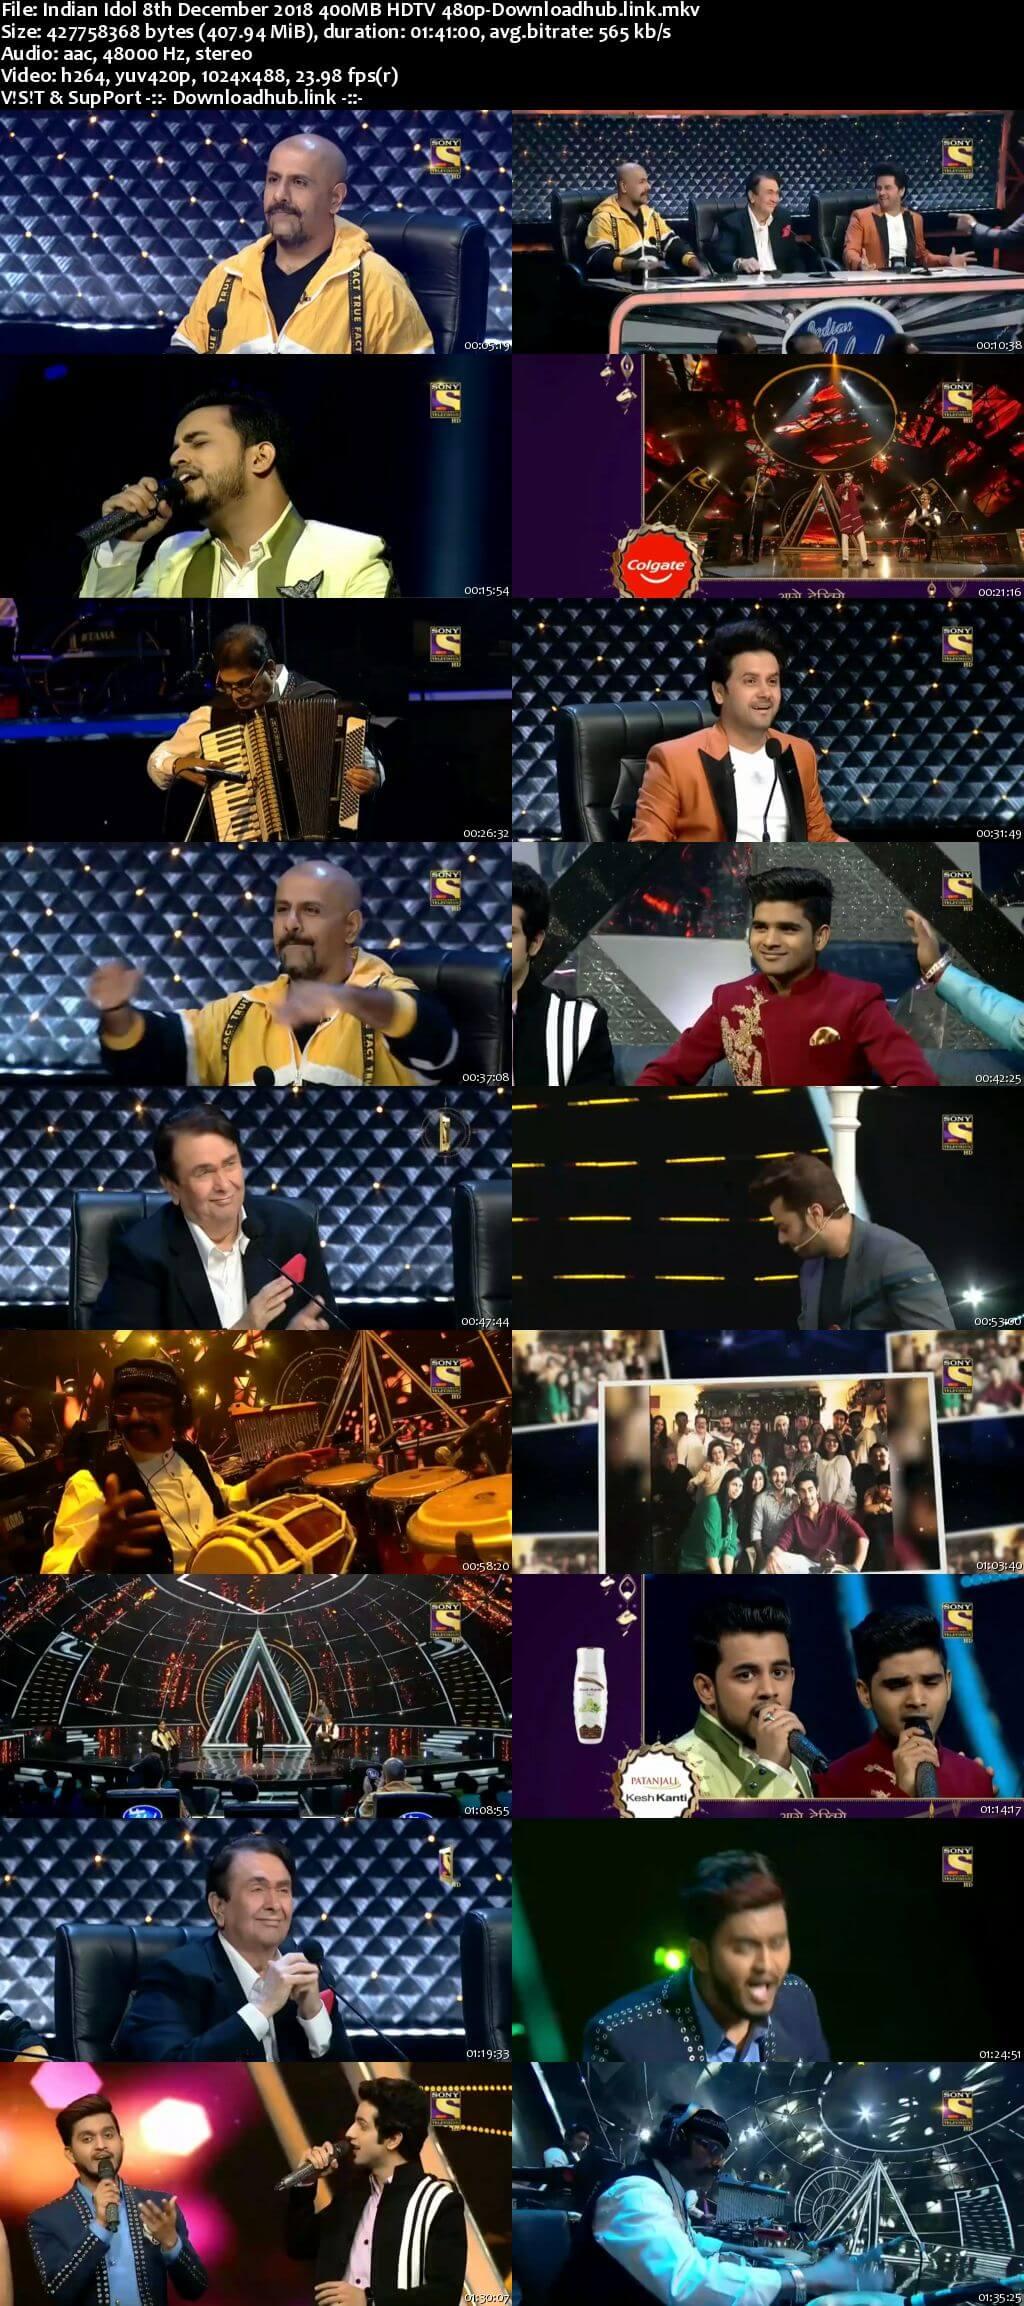 Indian Idol 08 December 2018 Episode 45 HDTV 480p